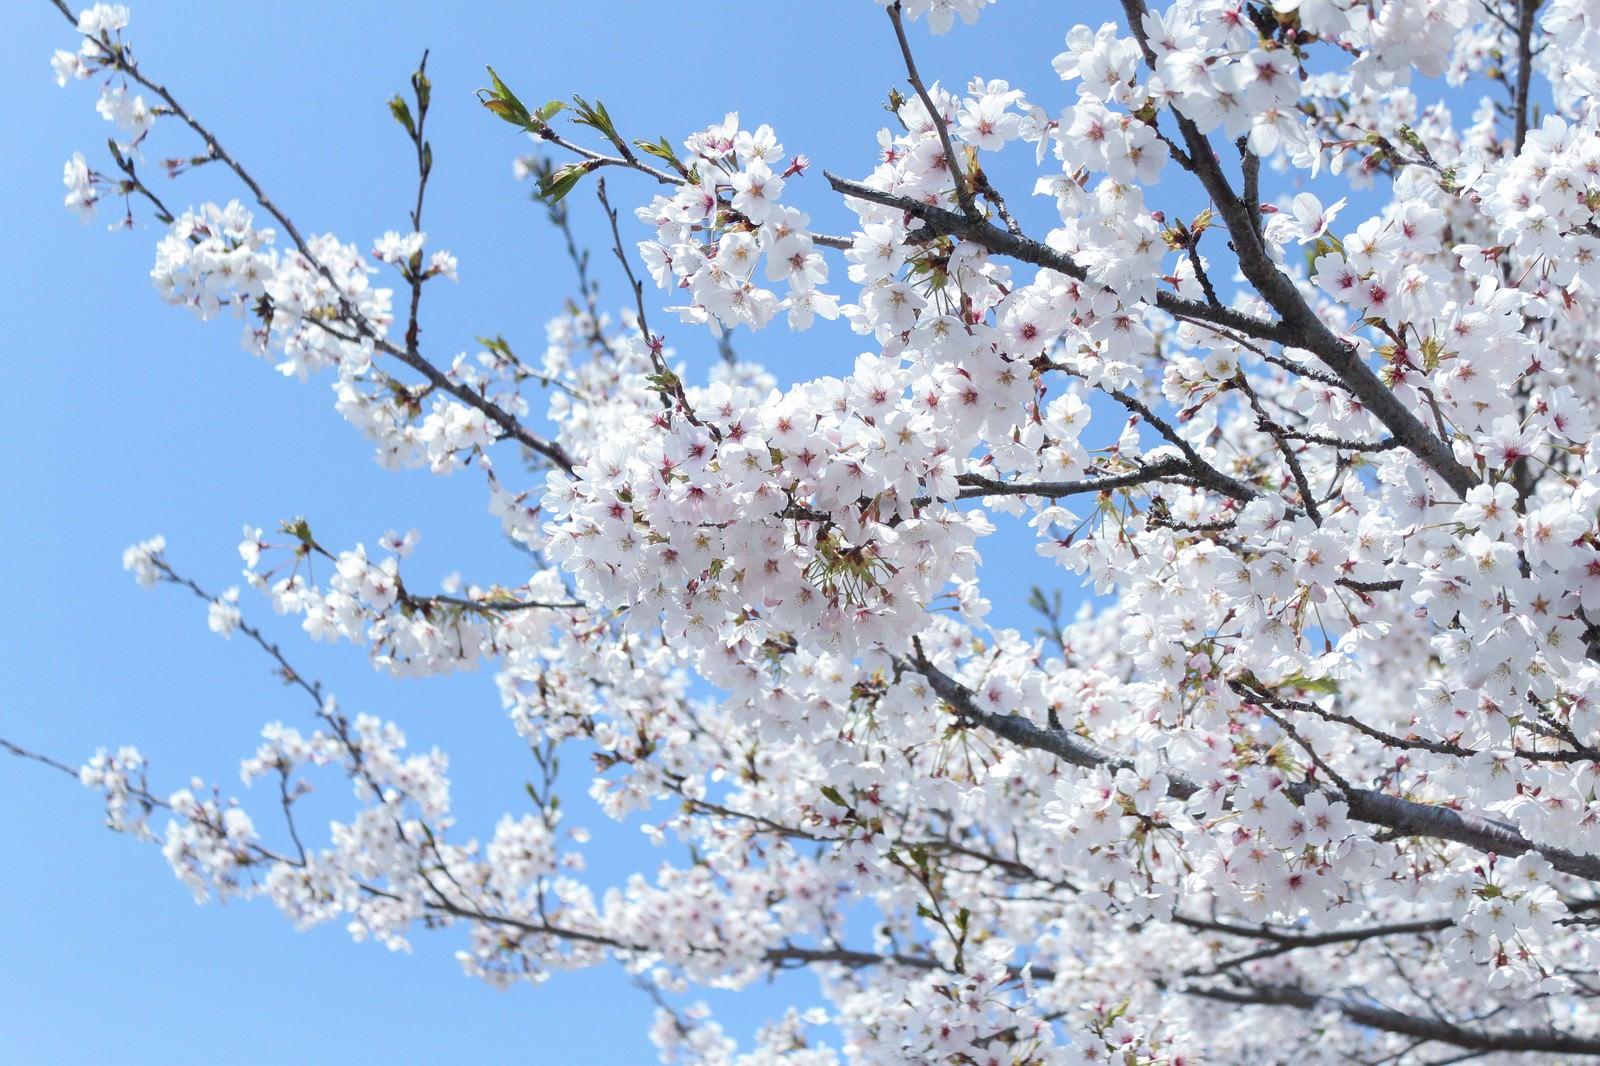 「咲溢れる桜咲溢れる桜」のフリー写真素材を拡大